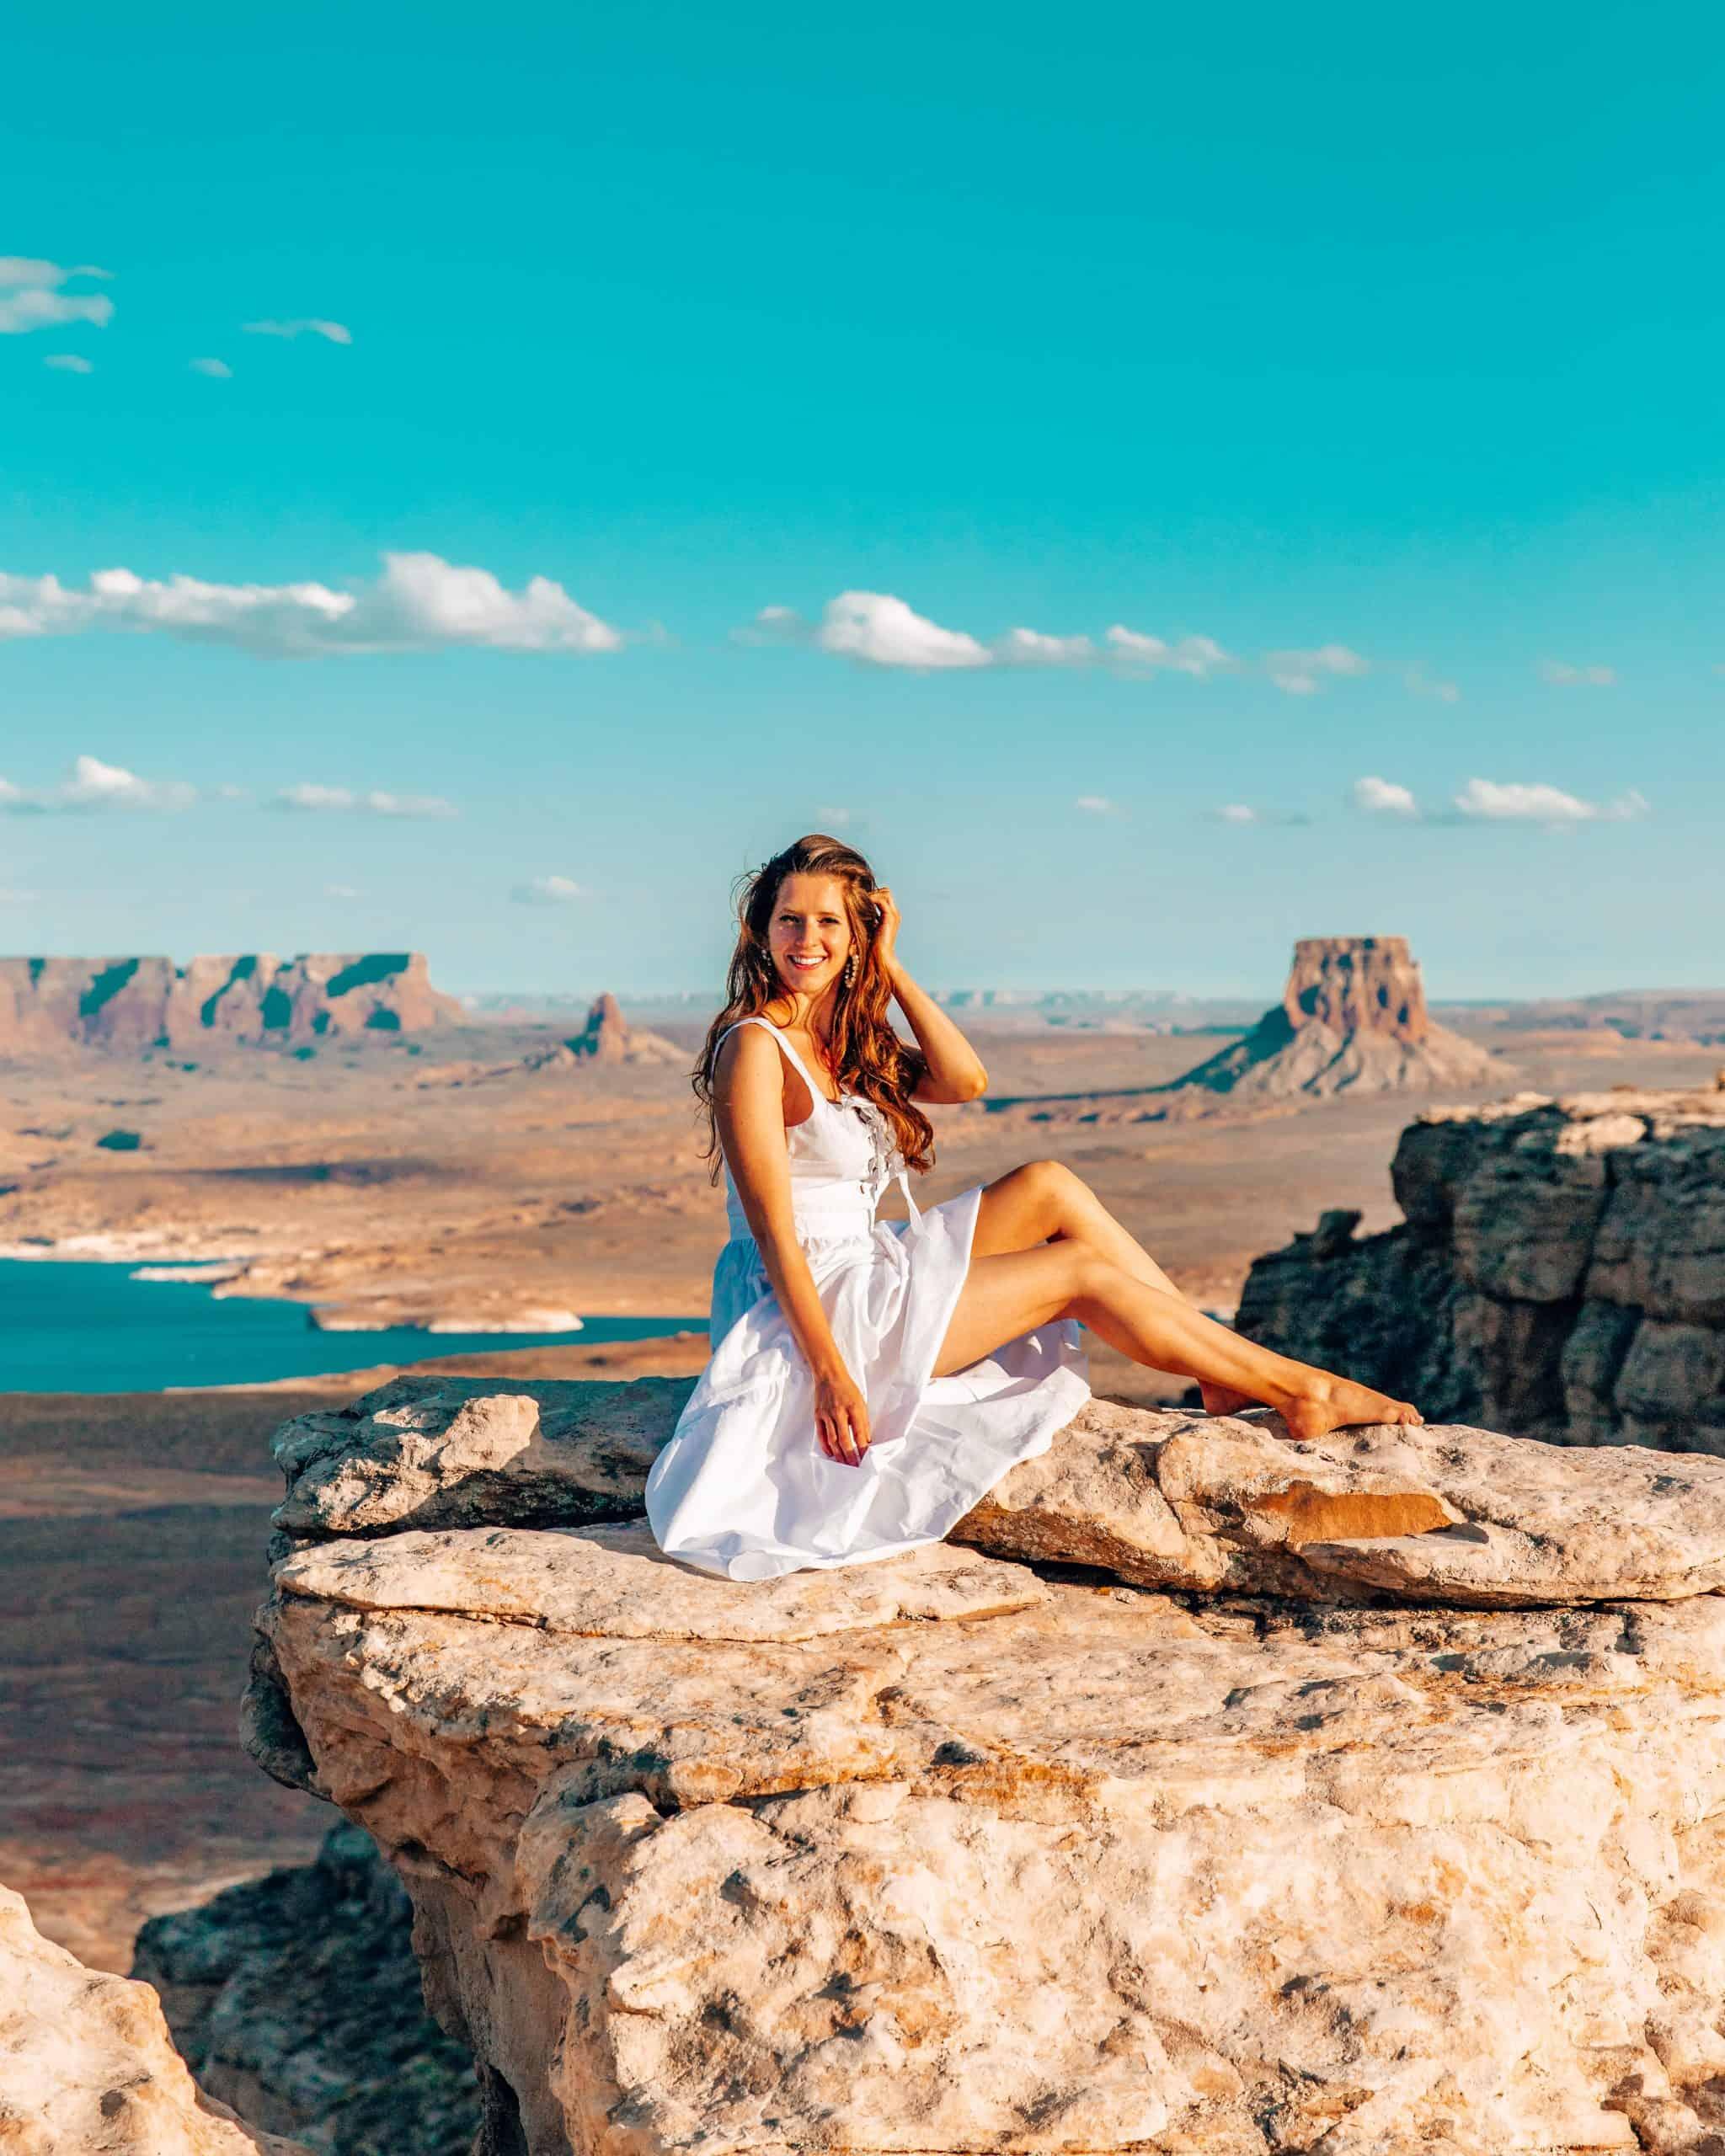 best Southwest USA road trip destinations